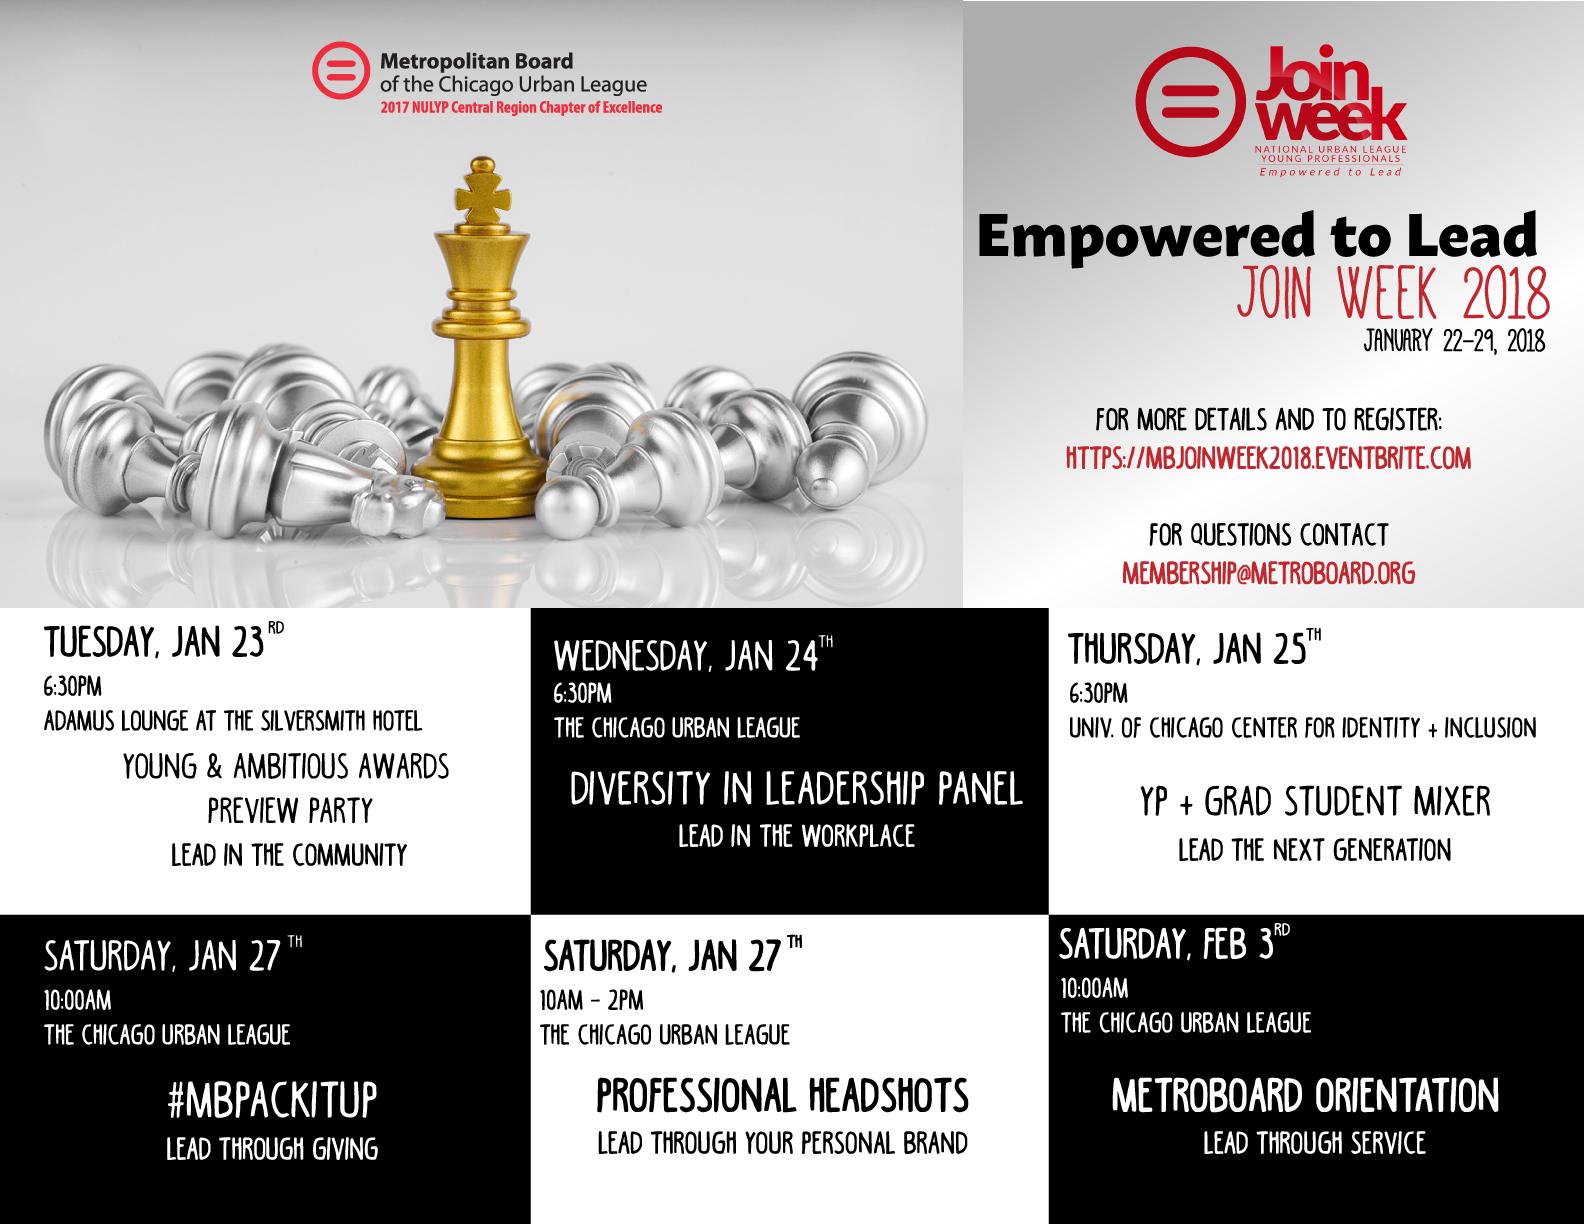 JoinWeekHorizontal_Chess